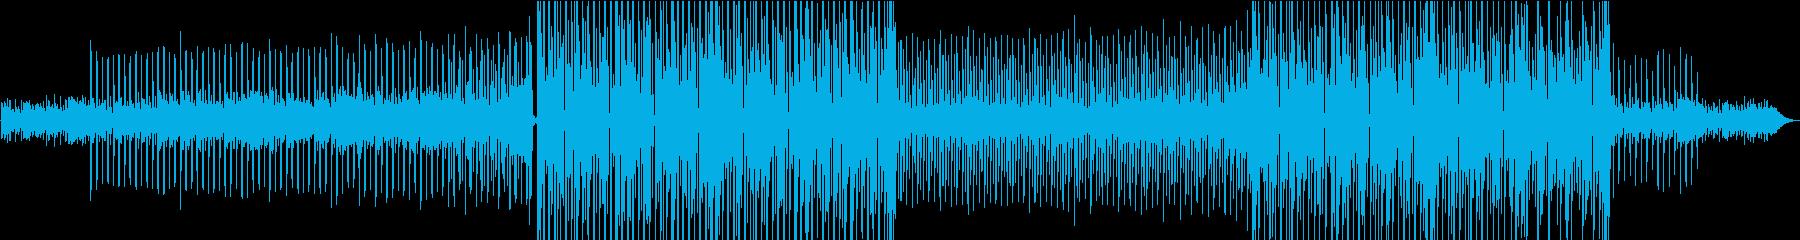 スタイリッシュでカッコイイ曲の再生済みの波形